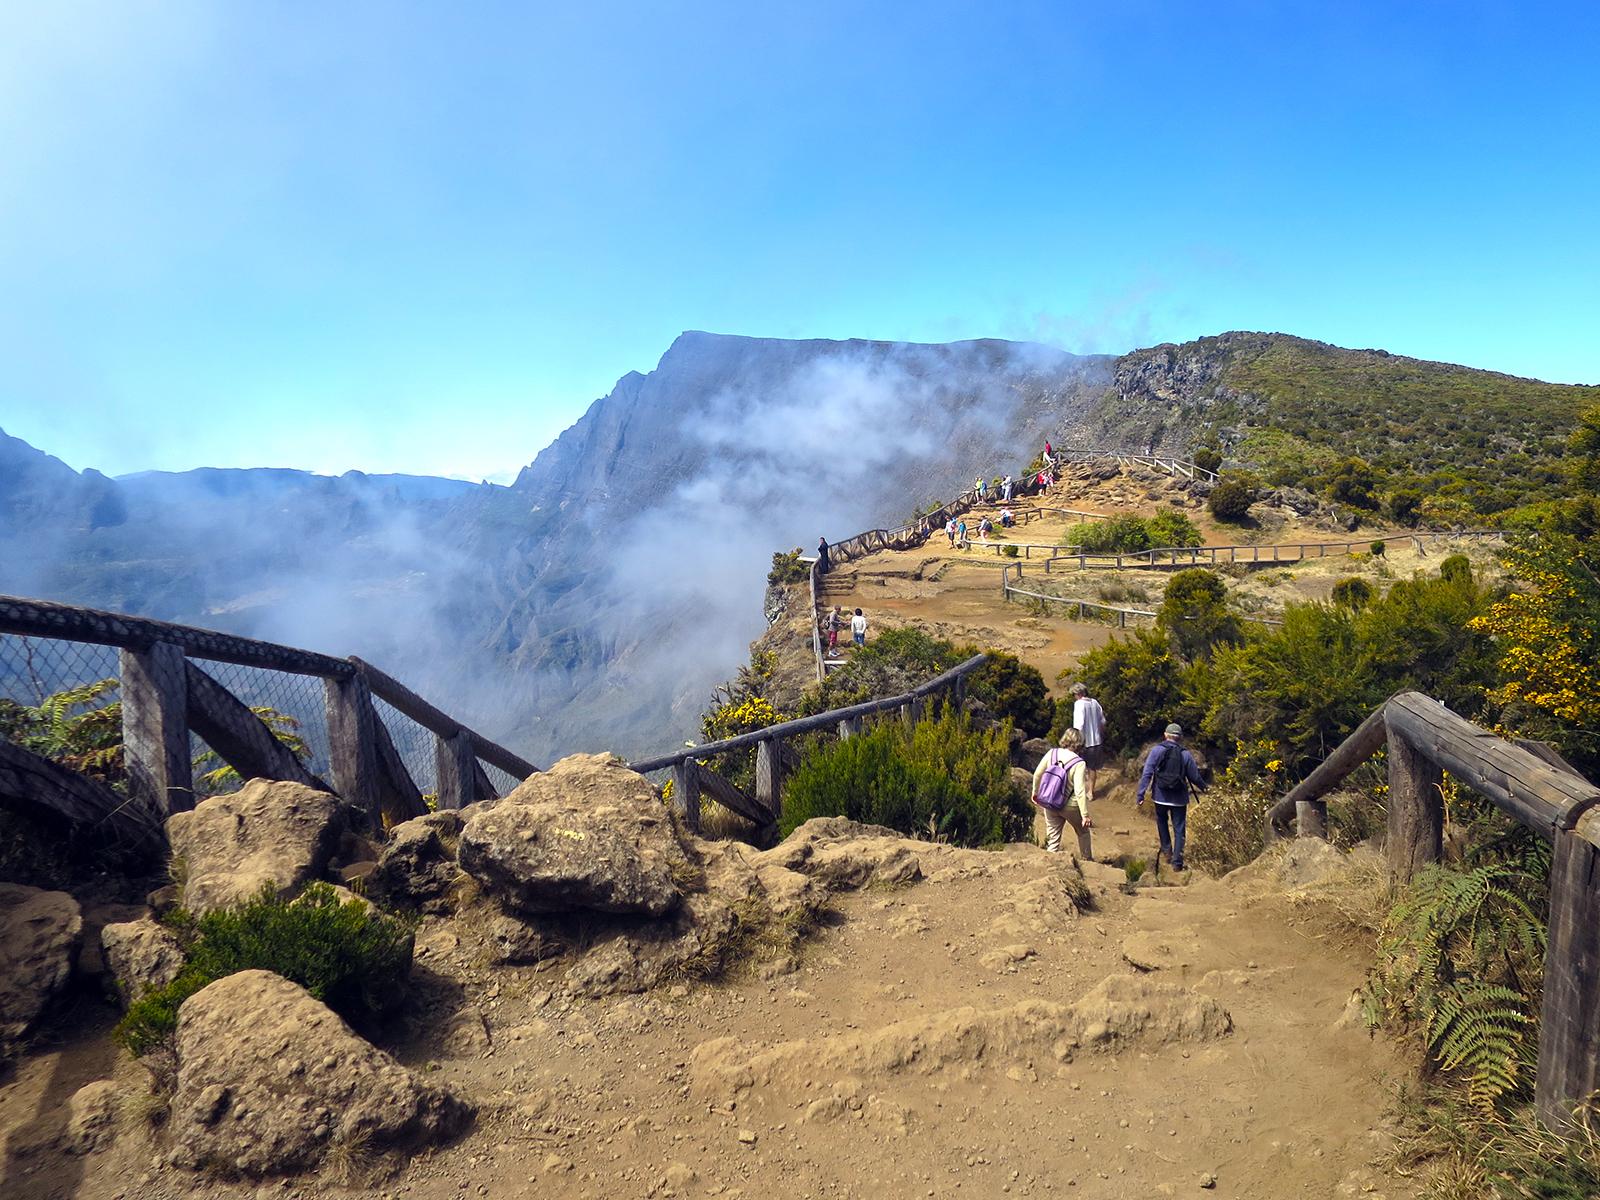 Frankreich im Indischen Ozean: 10 Highlights, die man auf La Réunion erleben muss